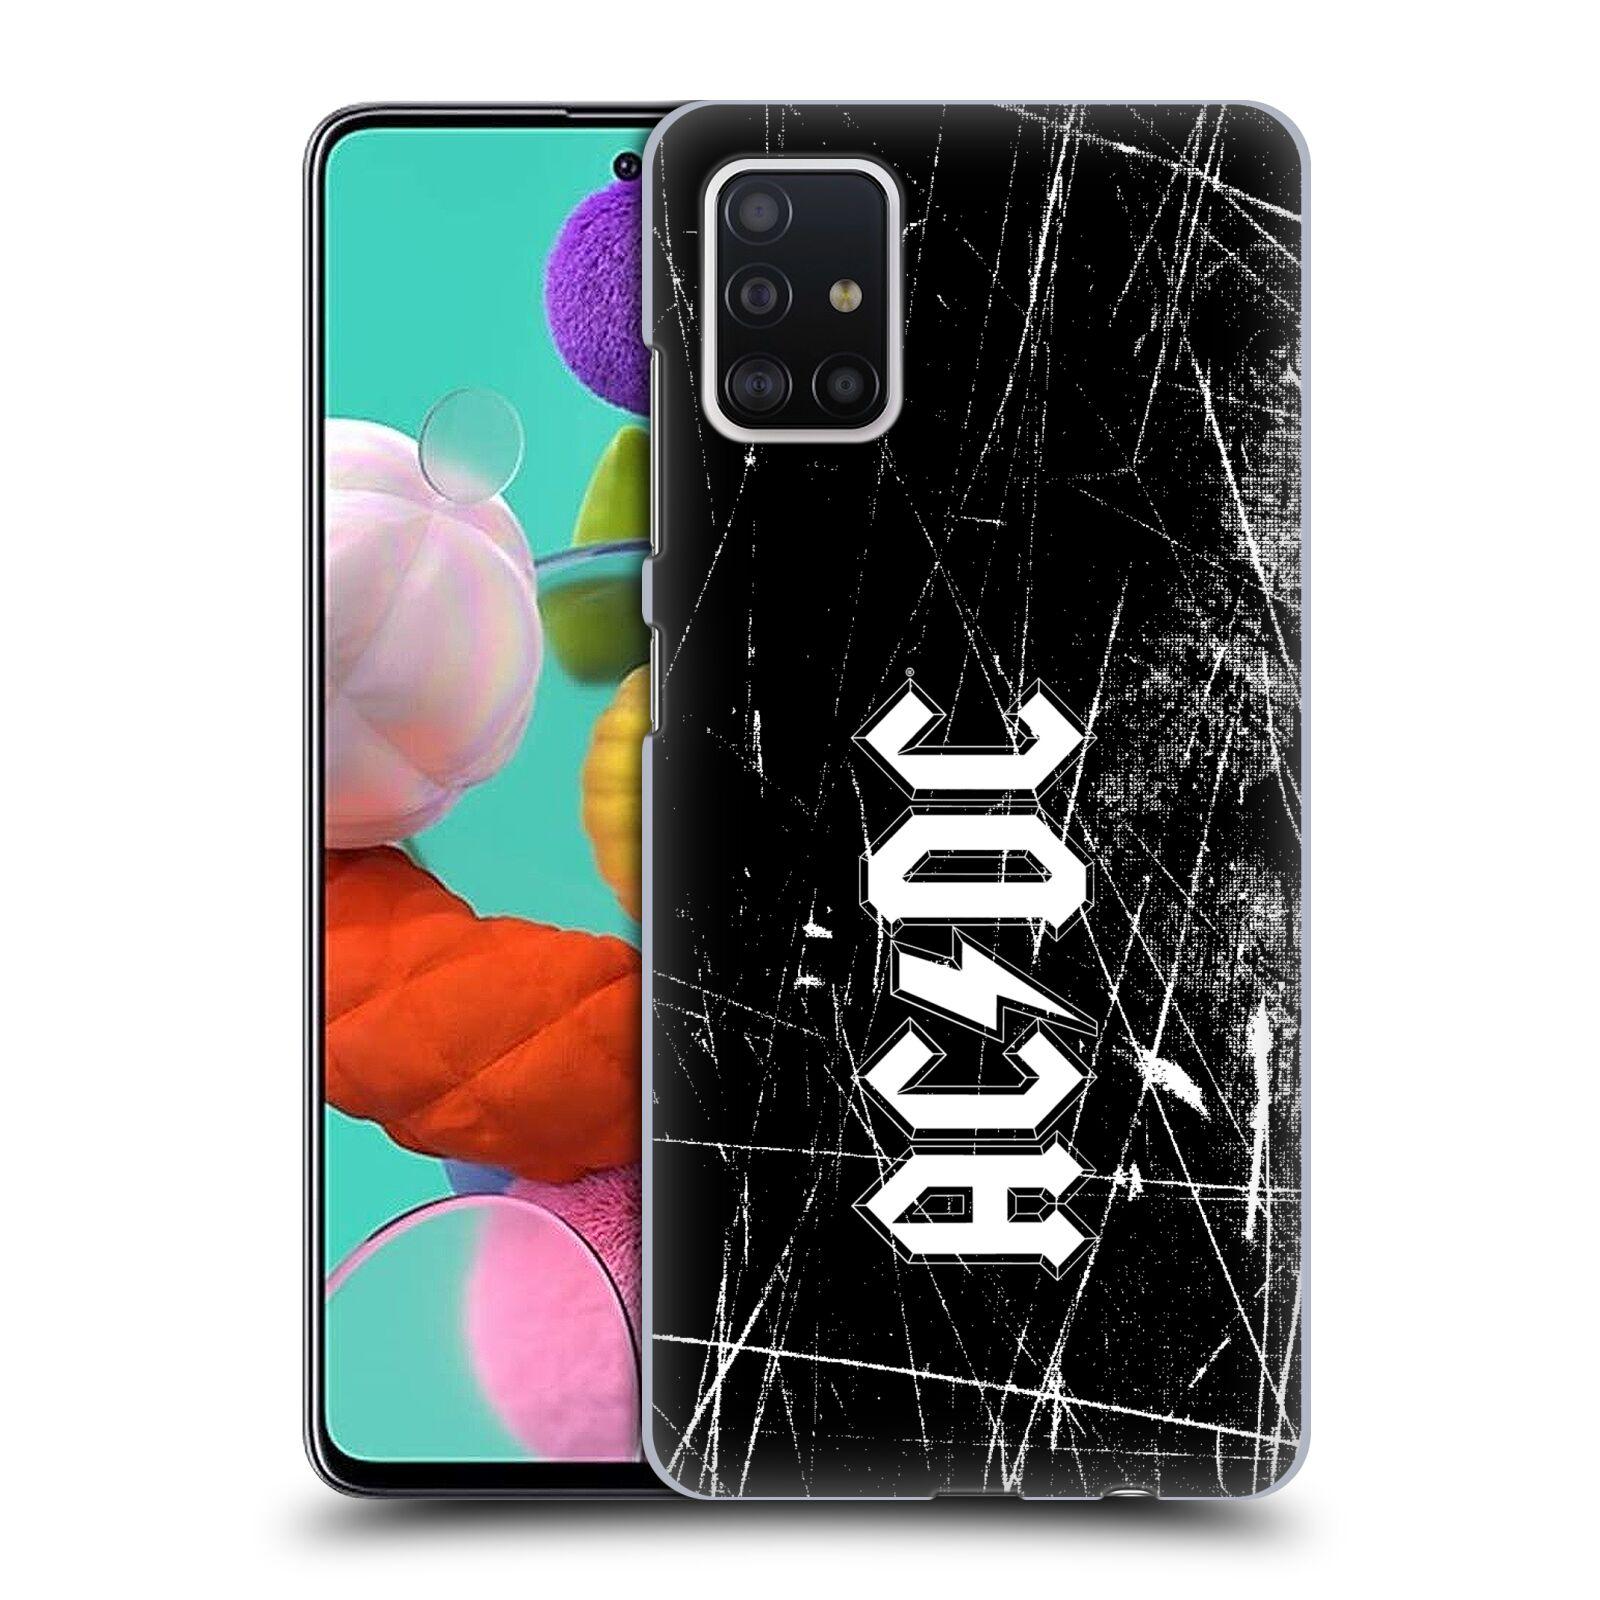 Plastové pouzdro na mobil Samsung Galaxy A51 - Head Case - AC/DC Černobílé logo